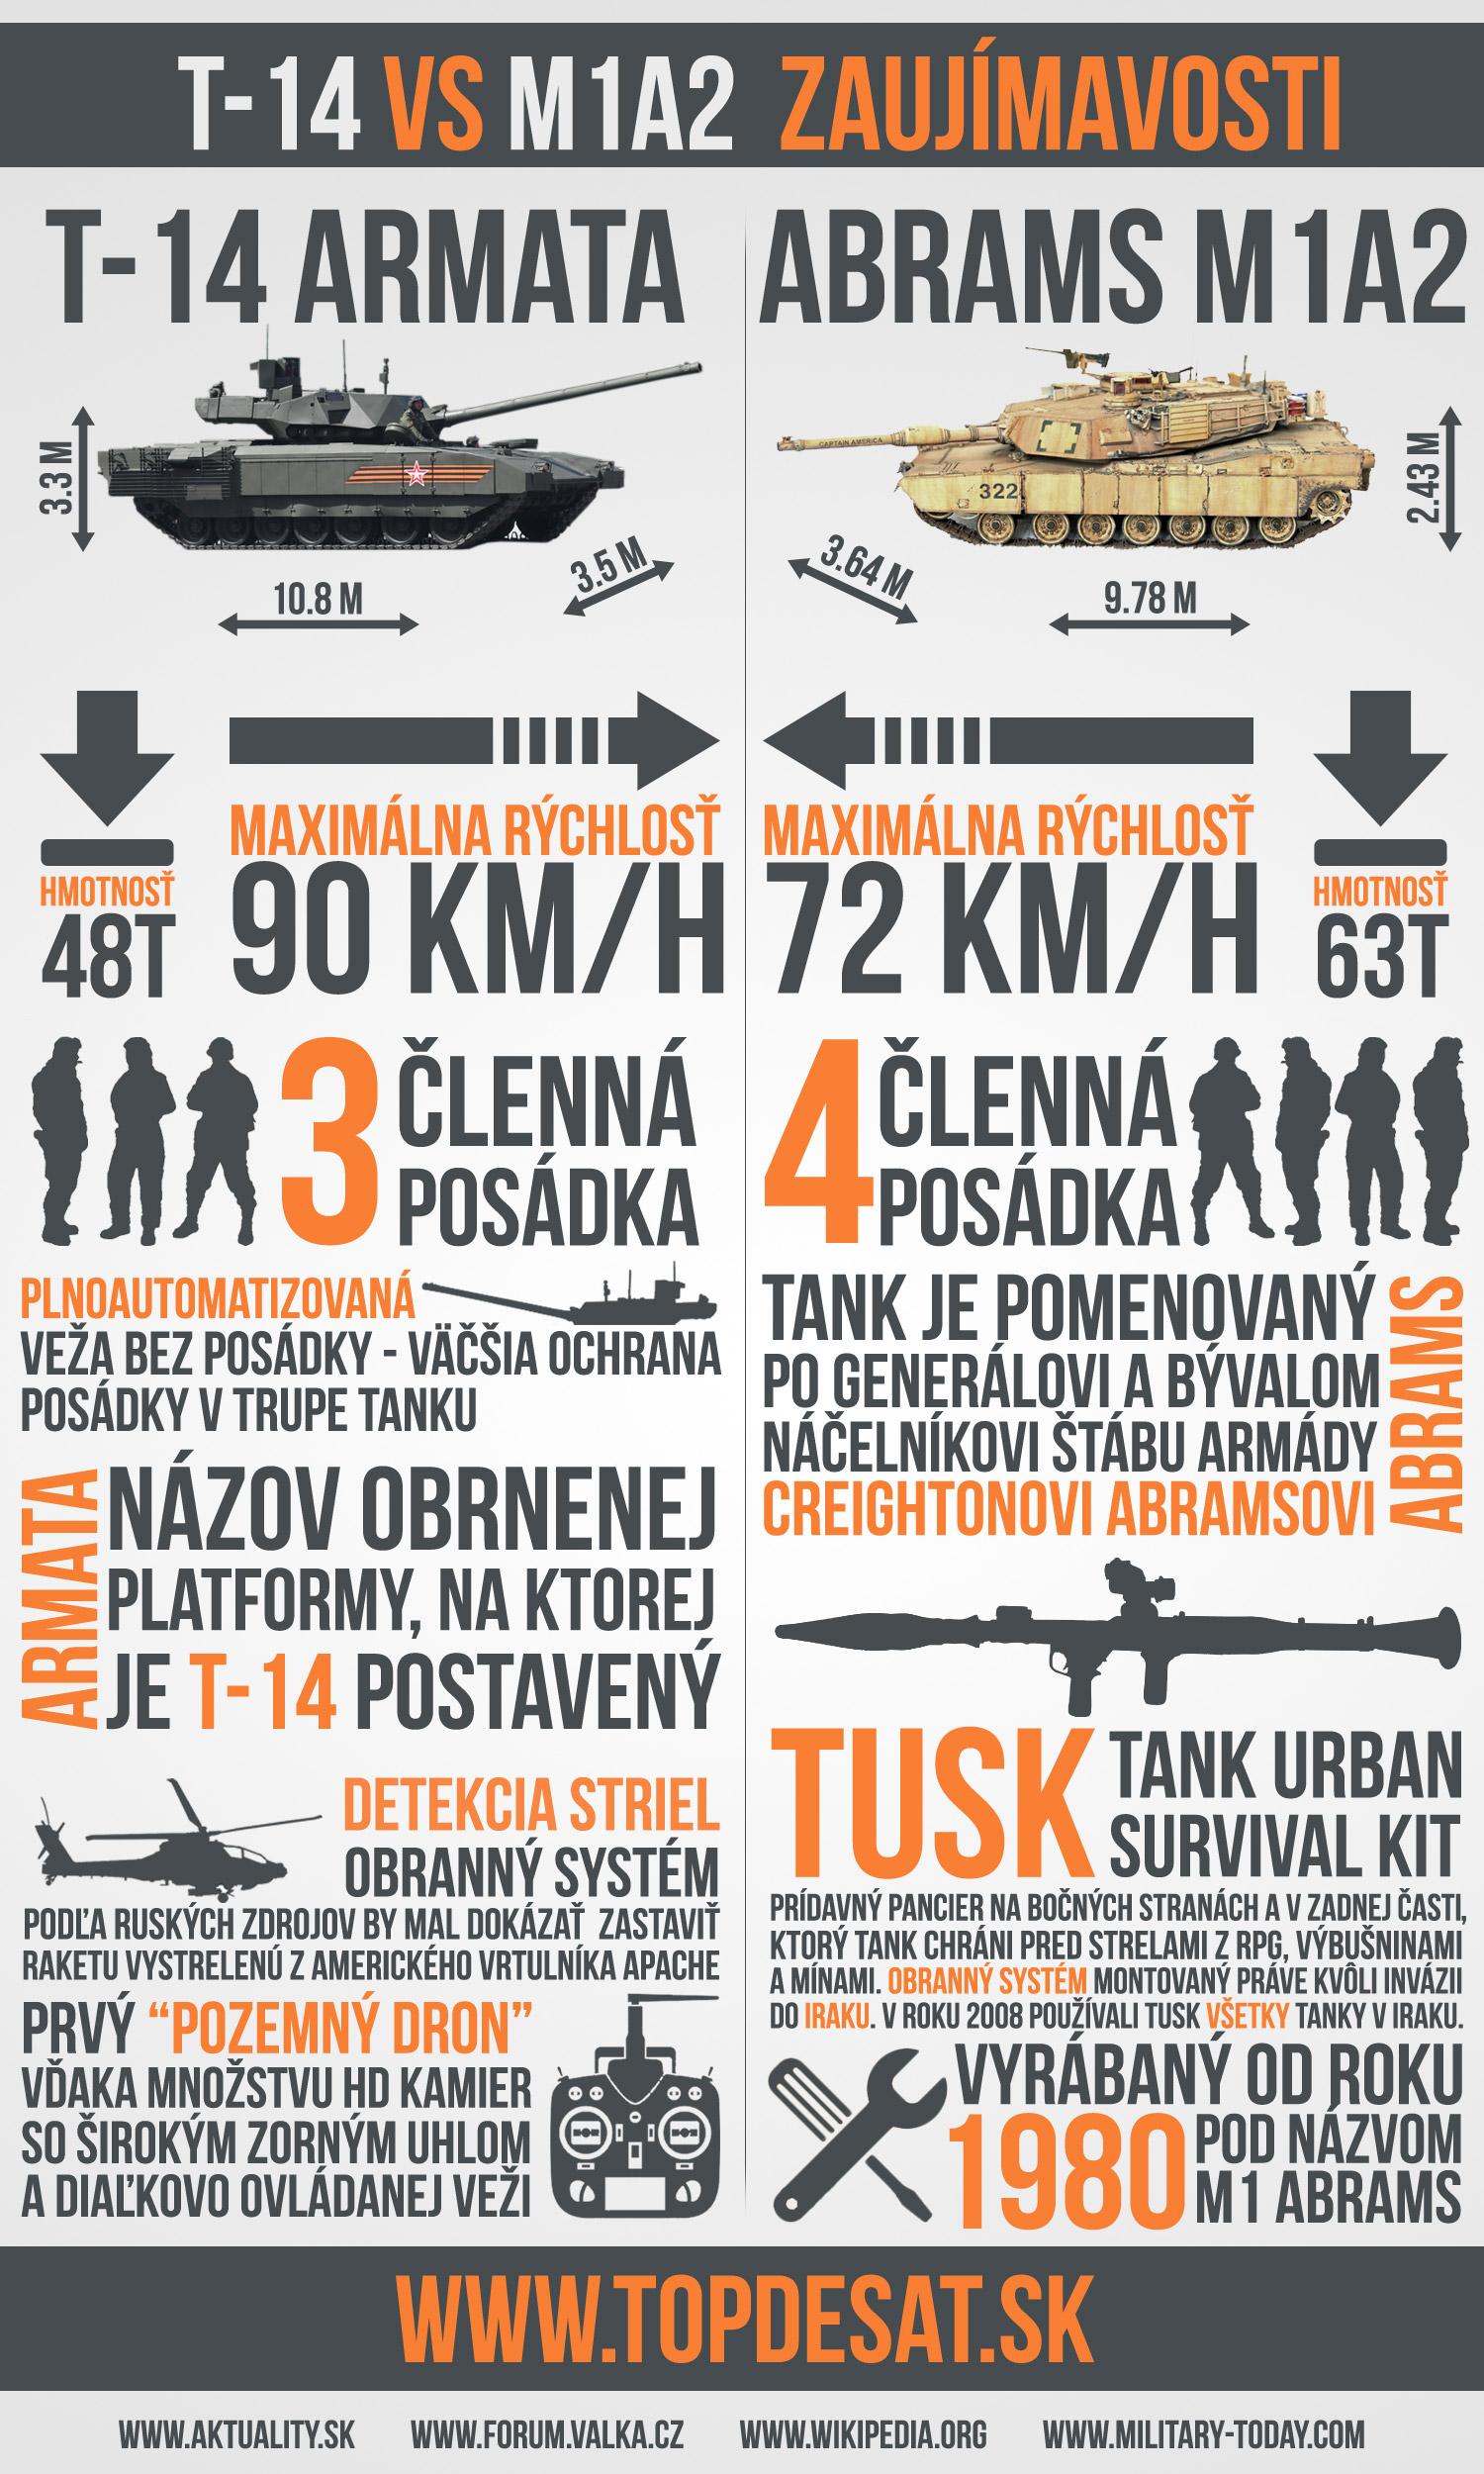 T-14 Armata vs. Abrams M1A2